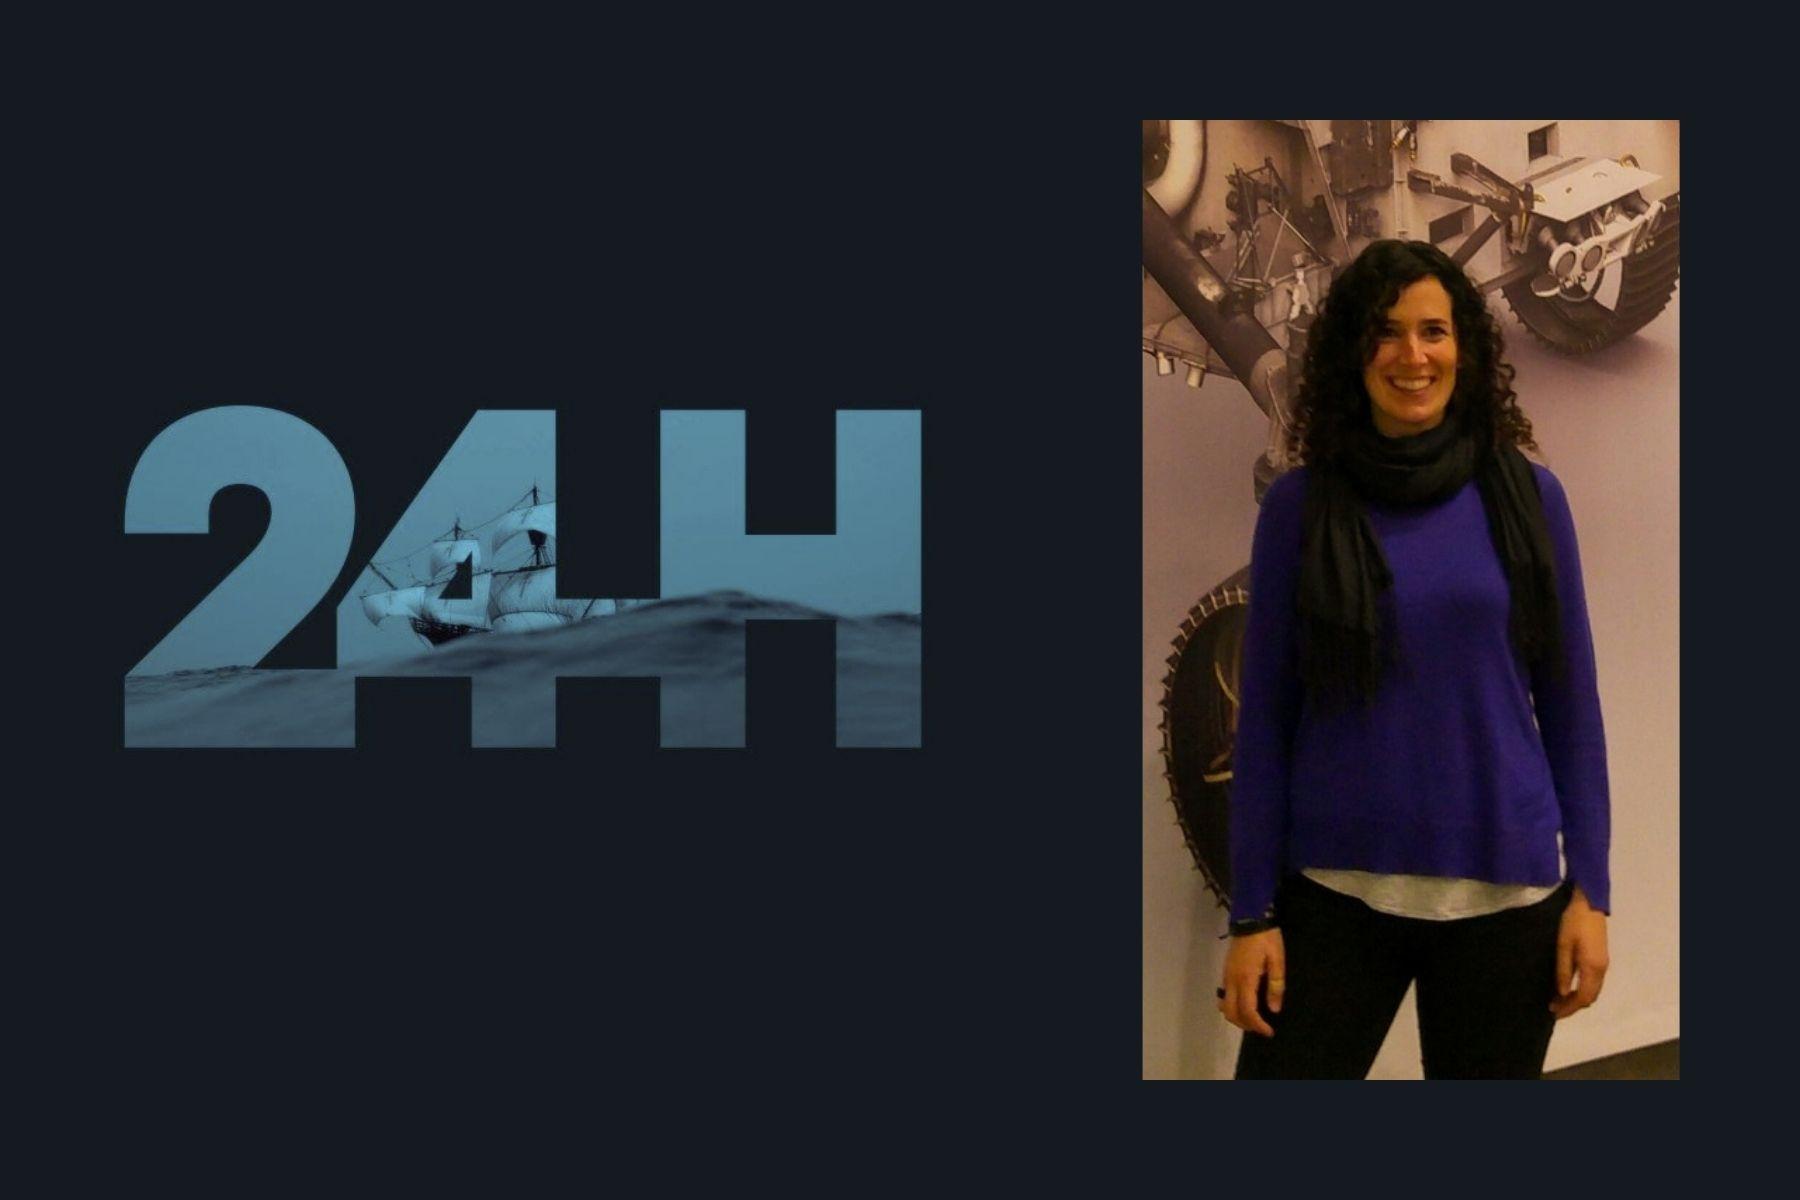 Cartel del encuentro que celebraremos con Virginia Garcia, de Aranzadi, en el Euskal Itsas Museoa